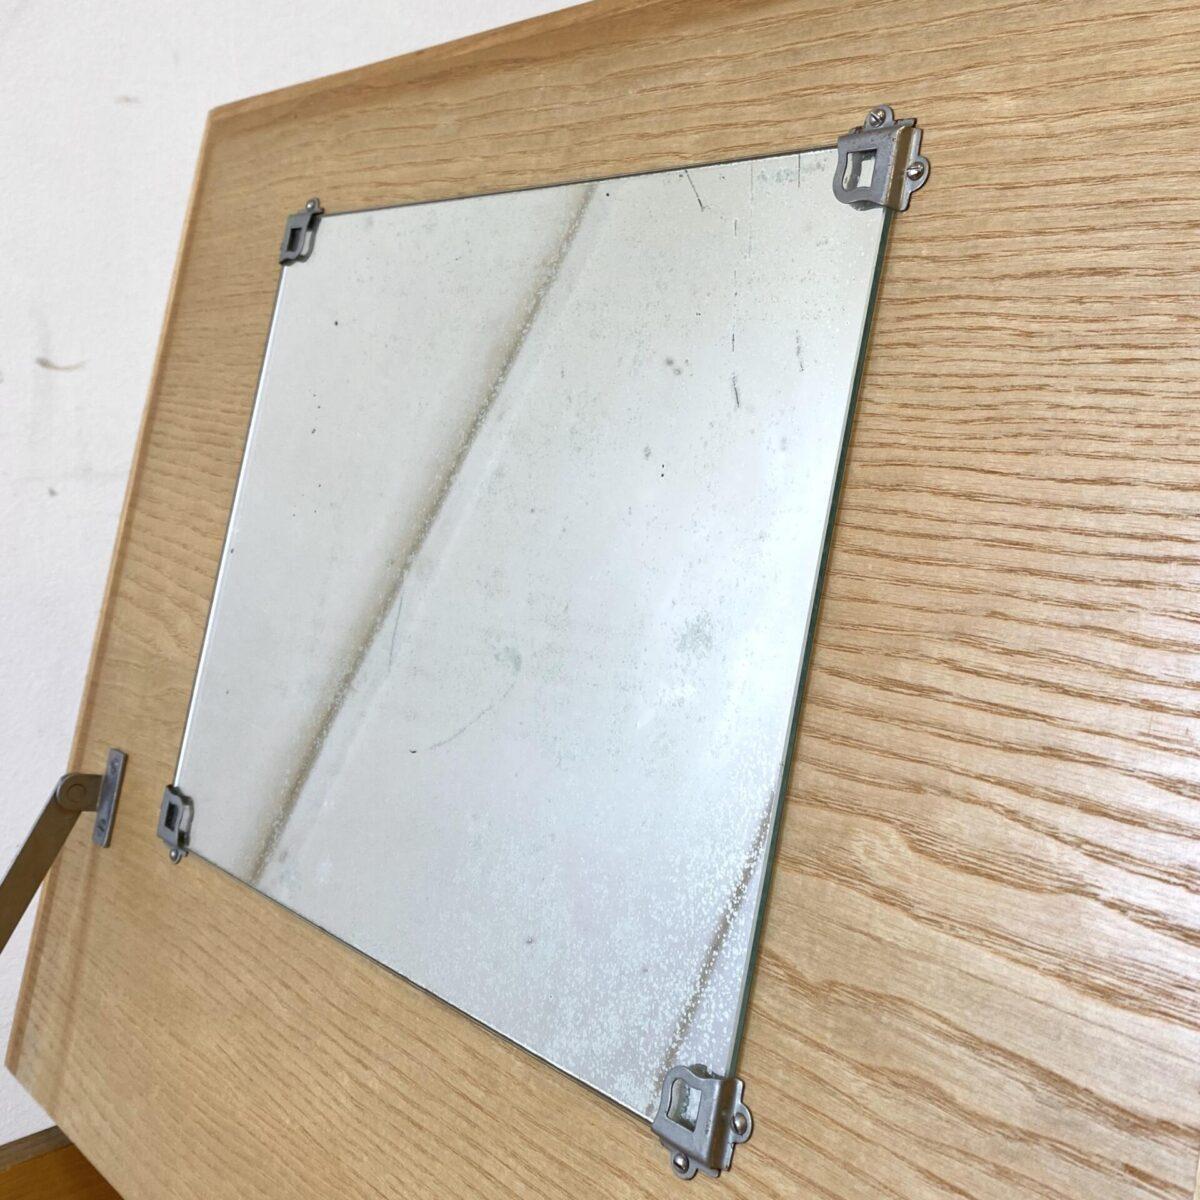 Deuxieme.shop swissdesign Desk. 50er Jahre Schreibtisch aus Esche von Corta Multiform. 105x60cm Höhe 74cm. Der Tisch hat eine Schublade mit Kunstleder griff, eine Klappe mit Stauraum und Schminkspiegel. Der Spiegel ist etwas beschlagen, ansonsten ist der Schreibtisch in gepflegtem guten Zustand.